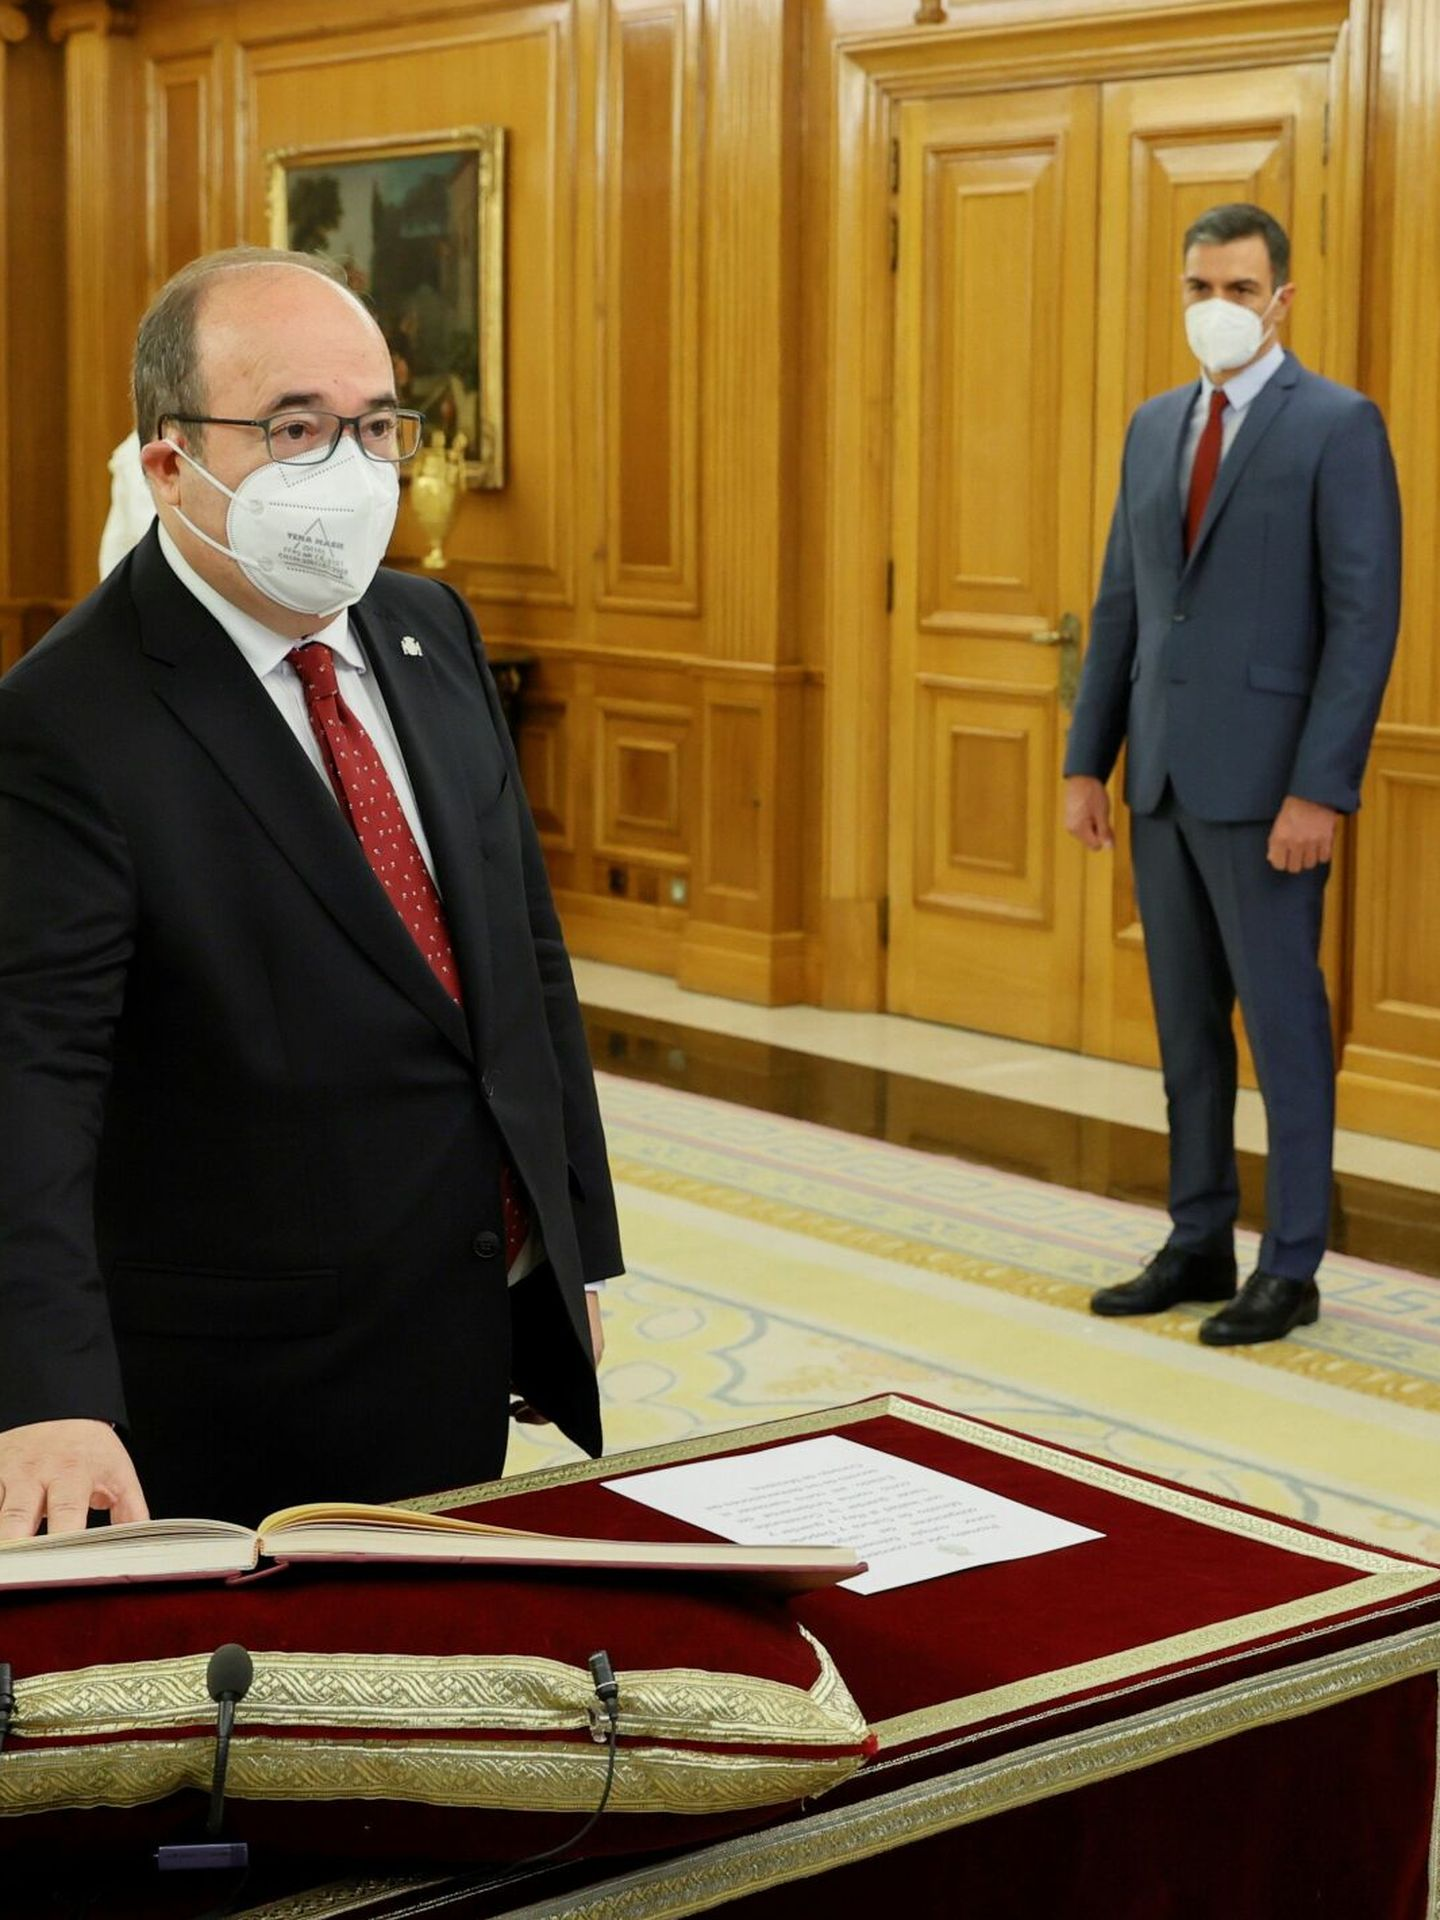 Miquel Iceta y Pedro Sánchez, ambos con corbata roja. (EFE)